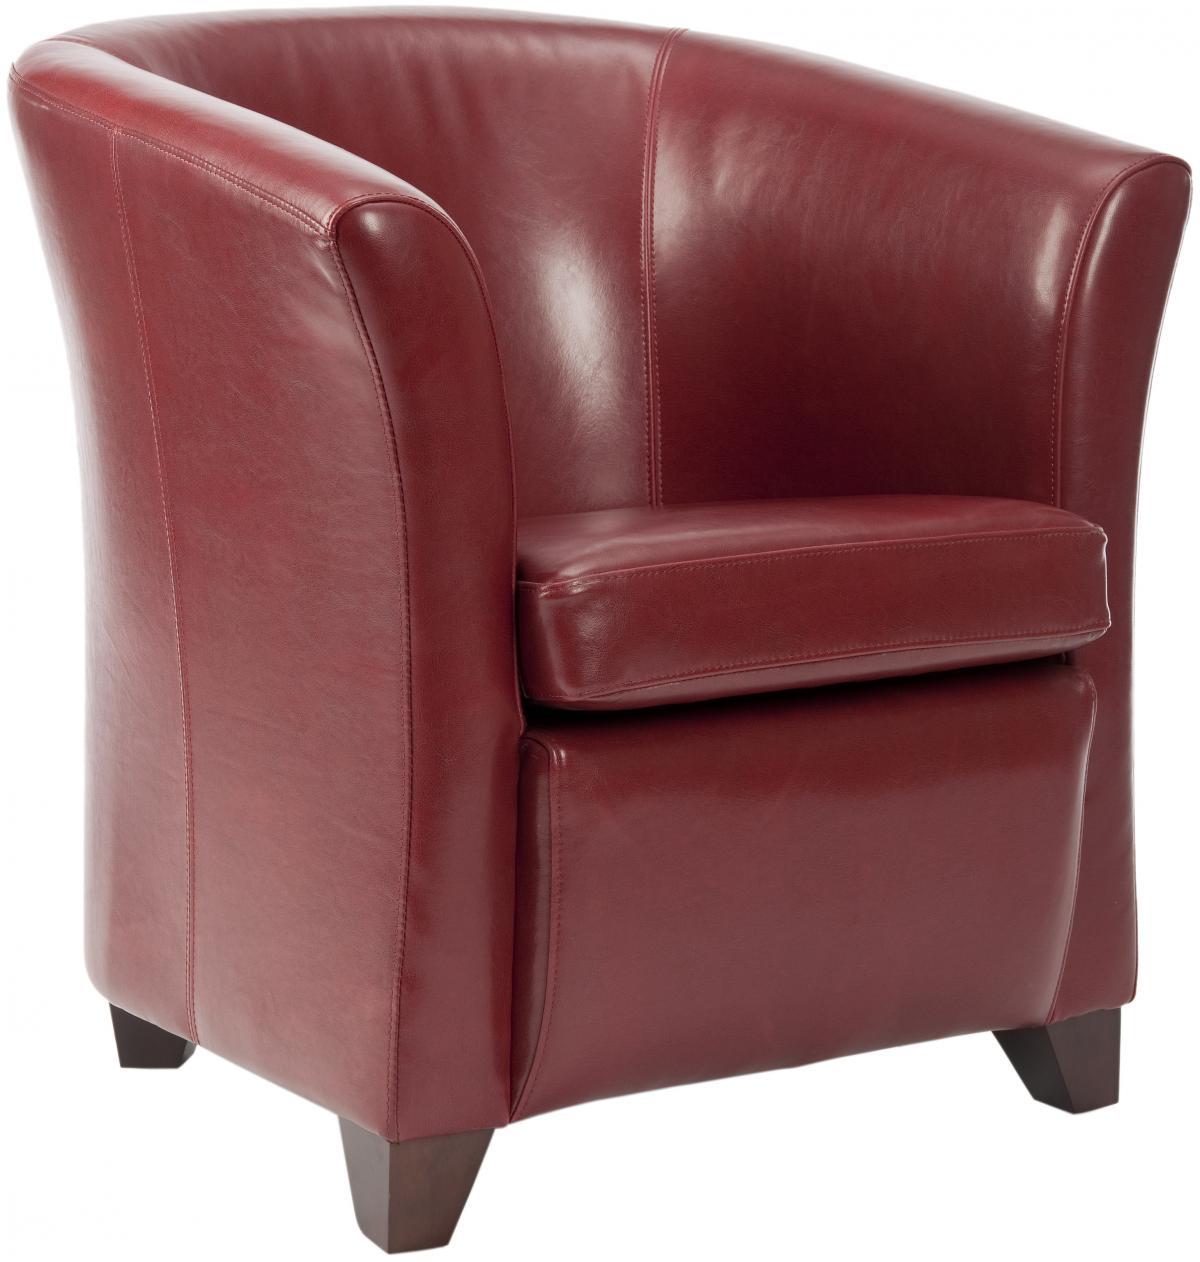 tub accent chair how to repair a glider rocking safavieh hud8204a lorraine 891 00 chairs